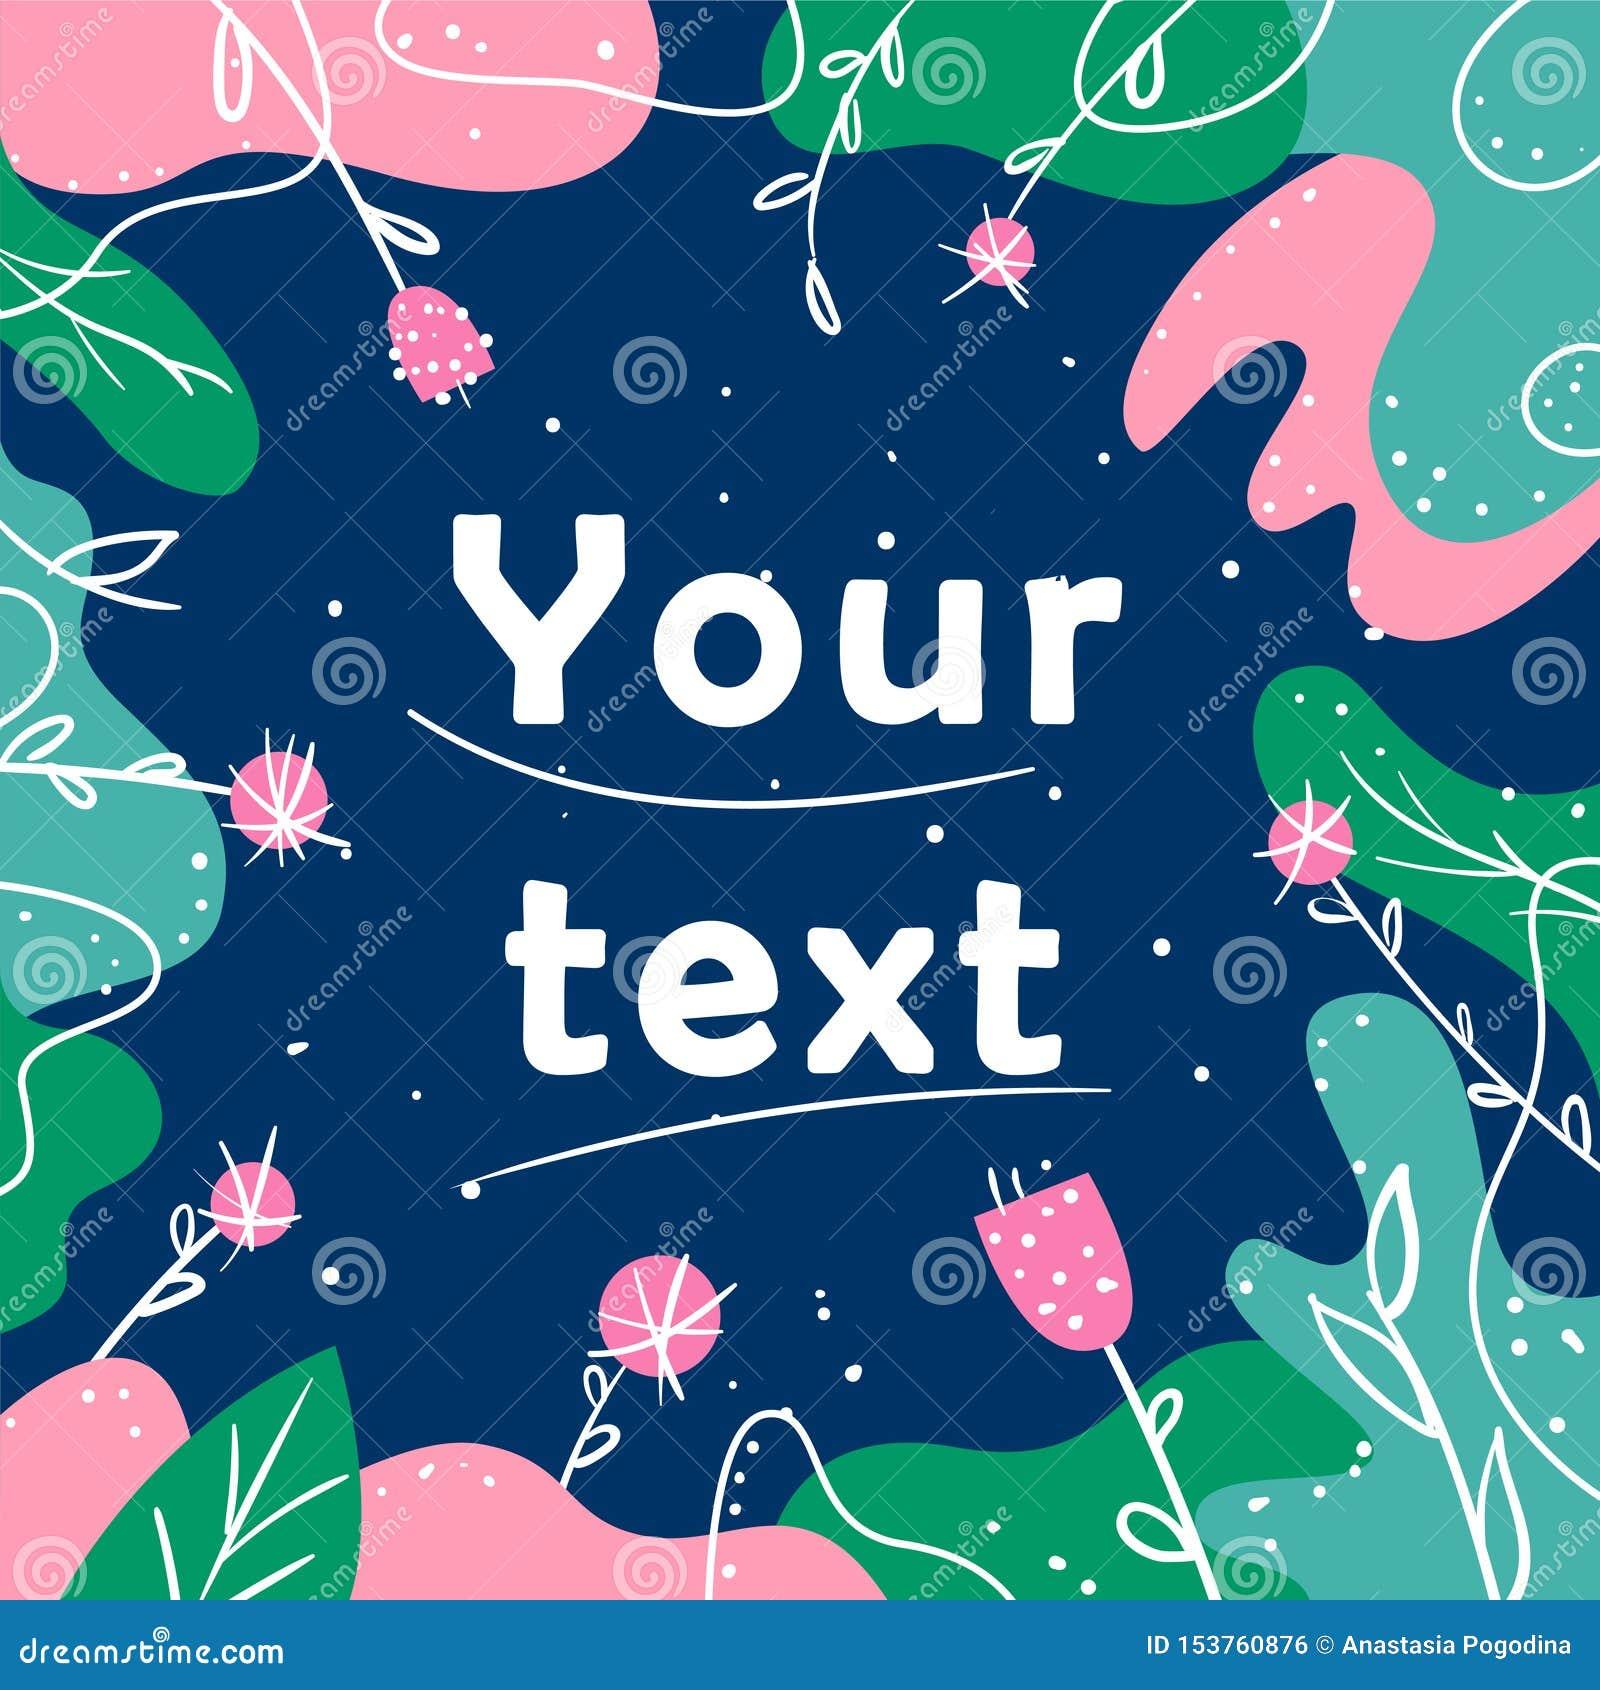 Illustration de vecteur pour le texte et les médias sociaux